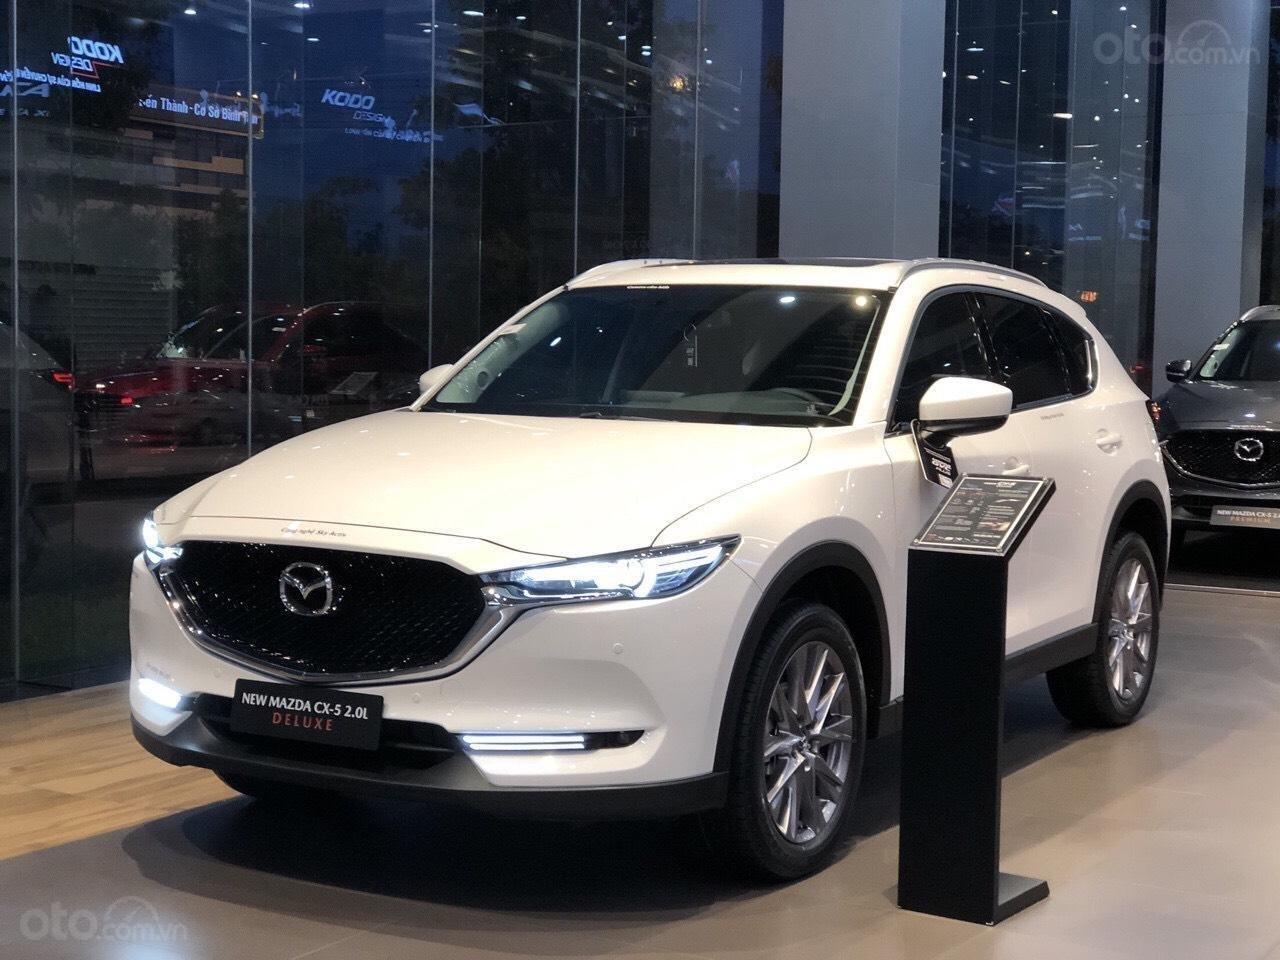 [Cực hot]: Ưu đãi new Mazda CX-5 từ 80tr + quà tặng - giao xe ngay - hỗ trợ trả góp cực ngầu (2)